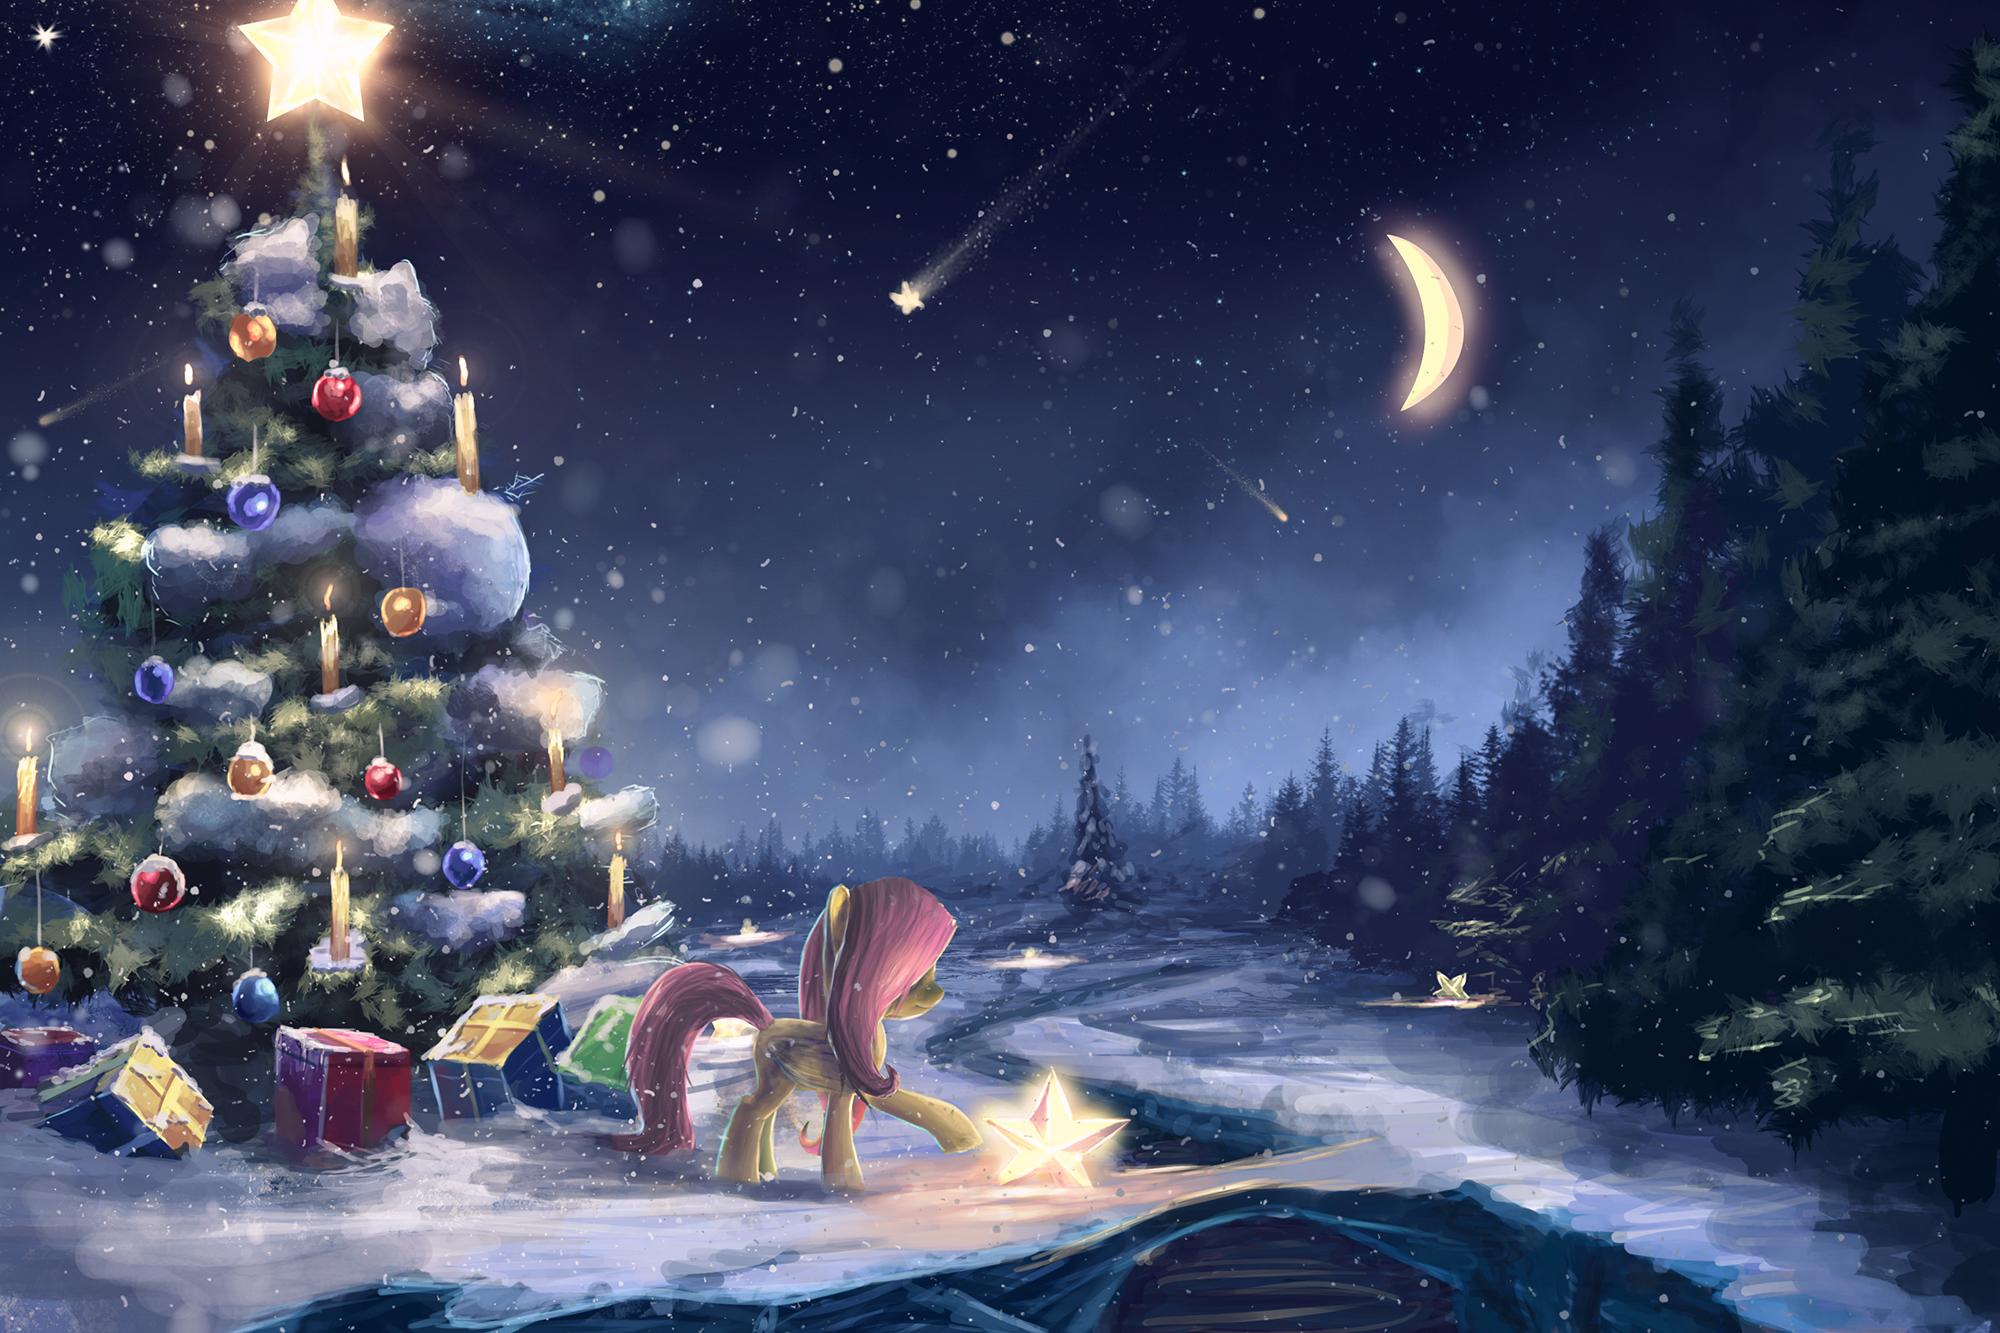 Фэнтези открытки с новым годом, пожеланием